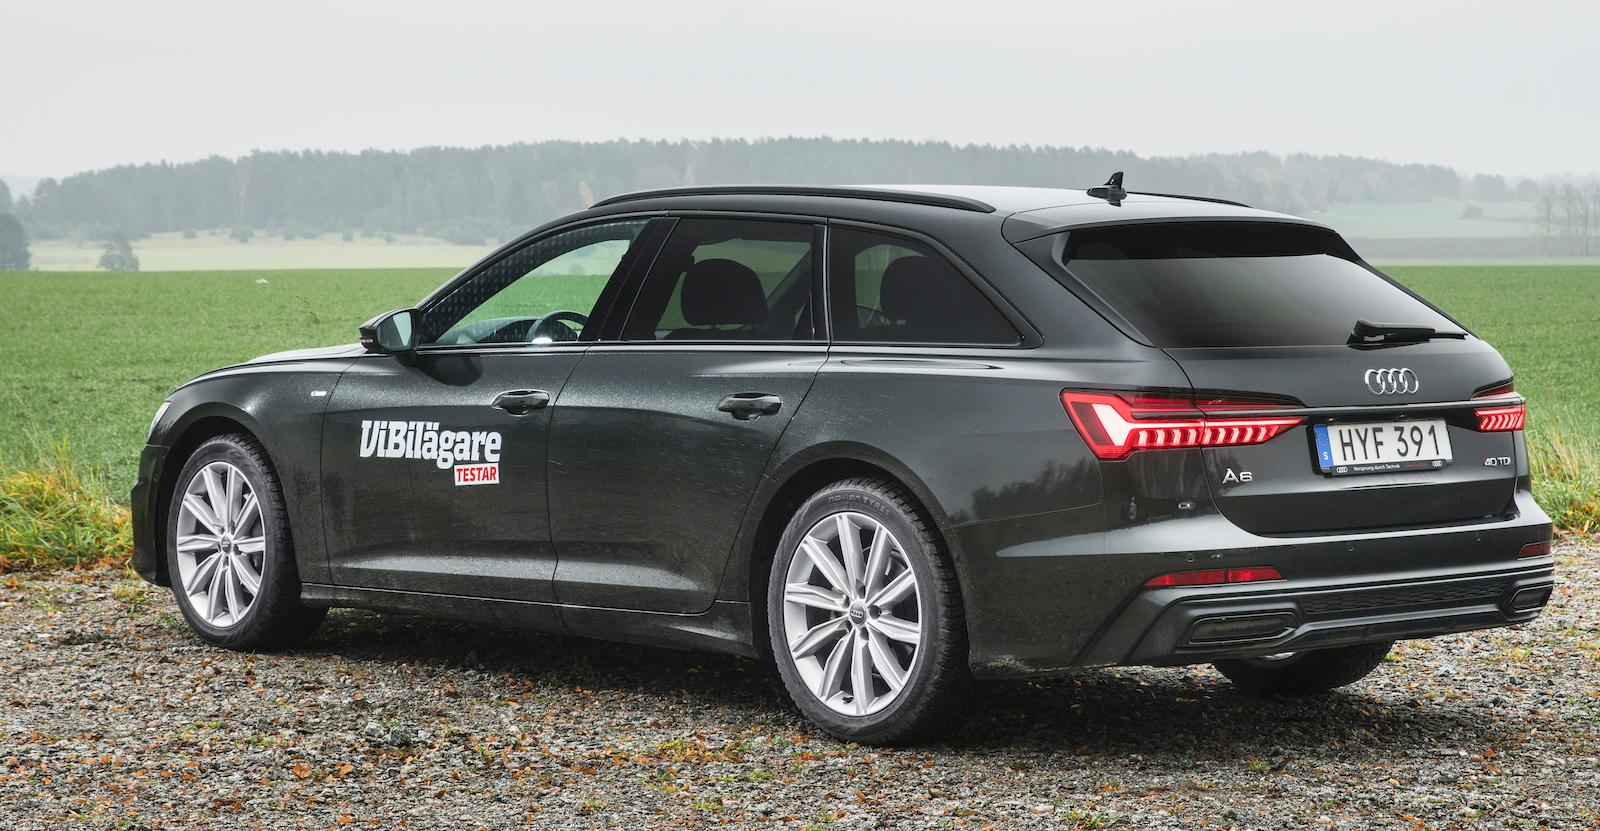 Audi A6 är ett av få exempel på en modell som säljer bra och som även gör ägarna nöjda.